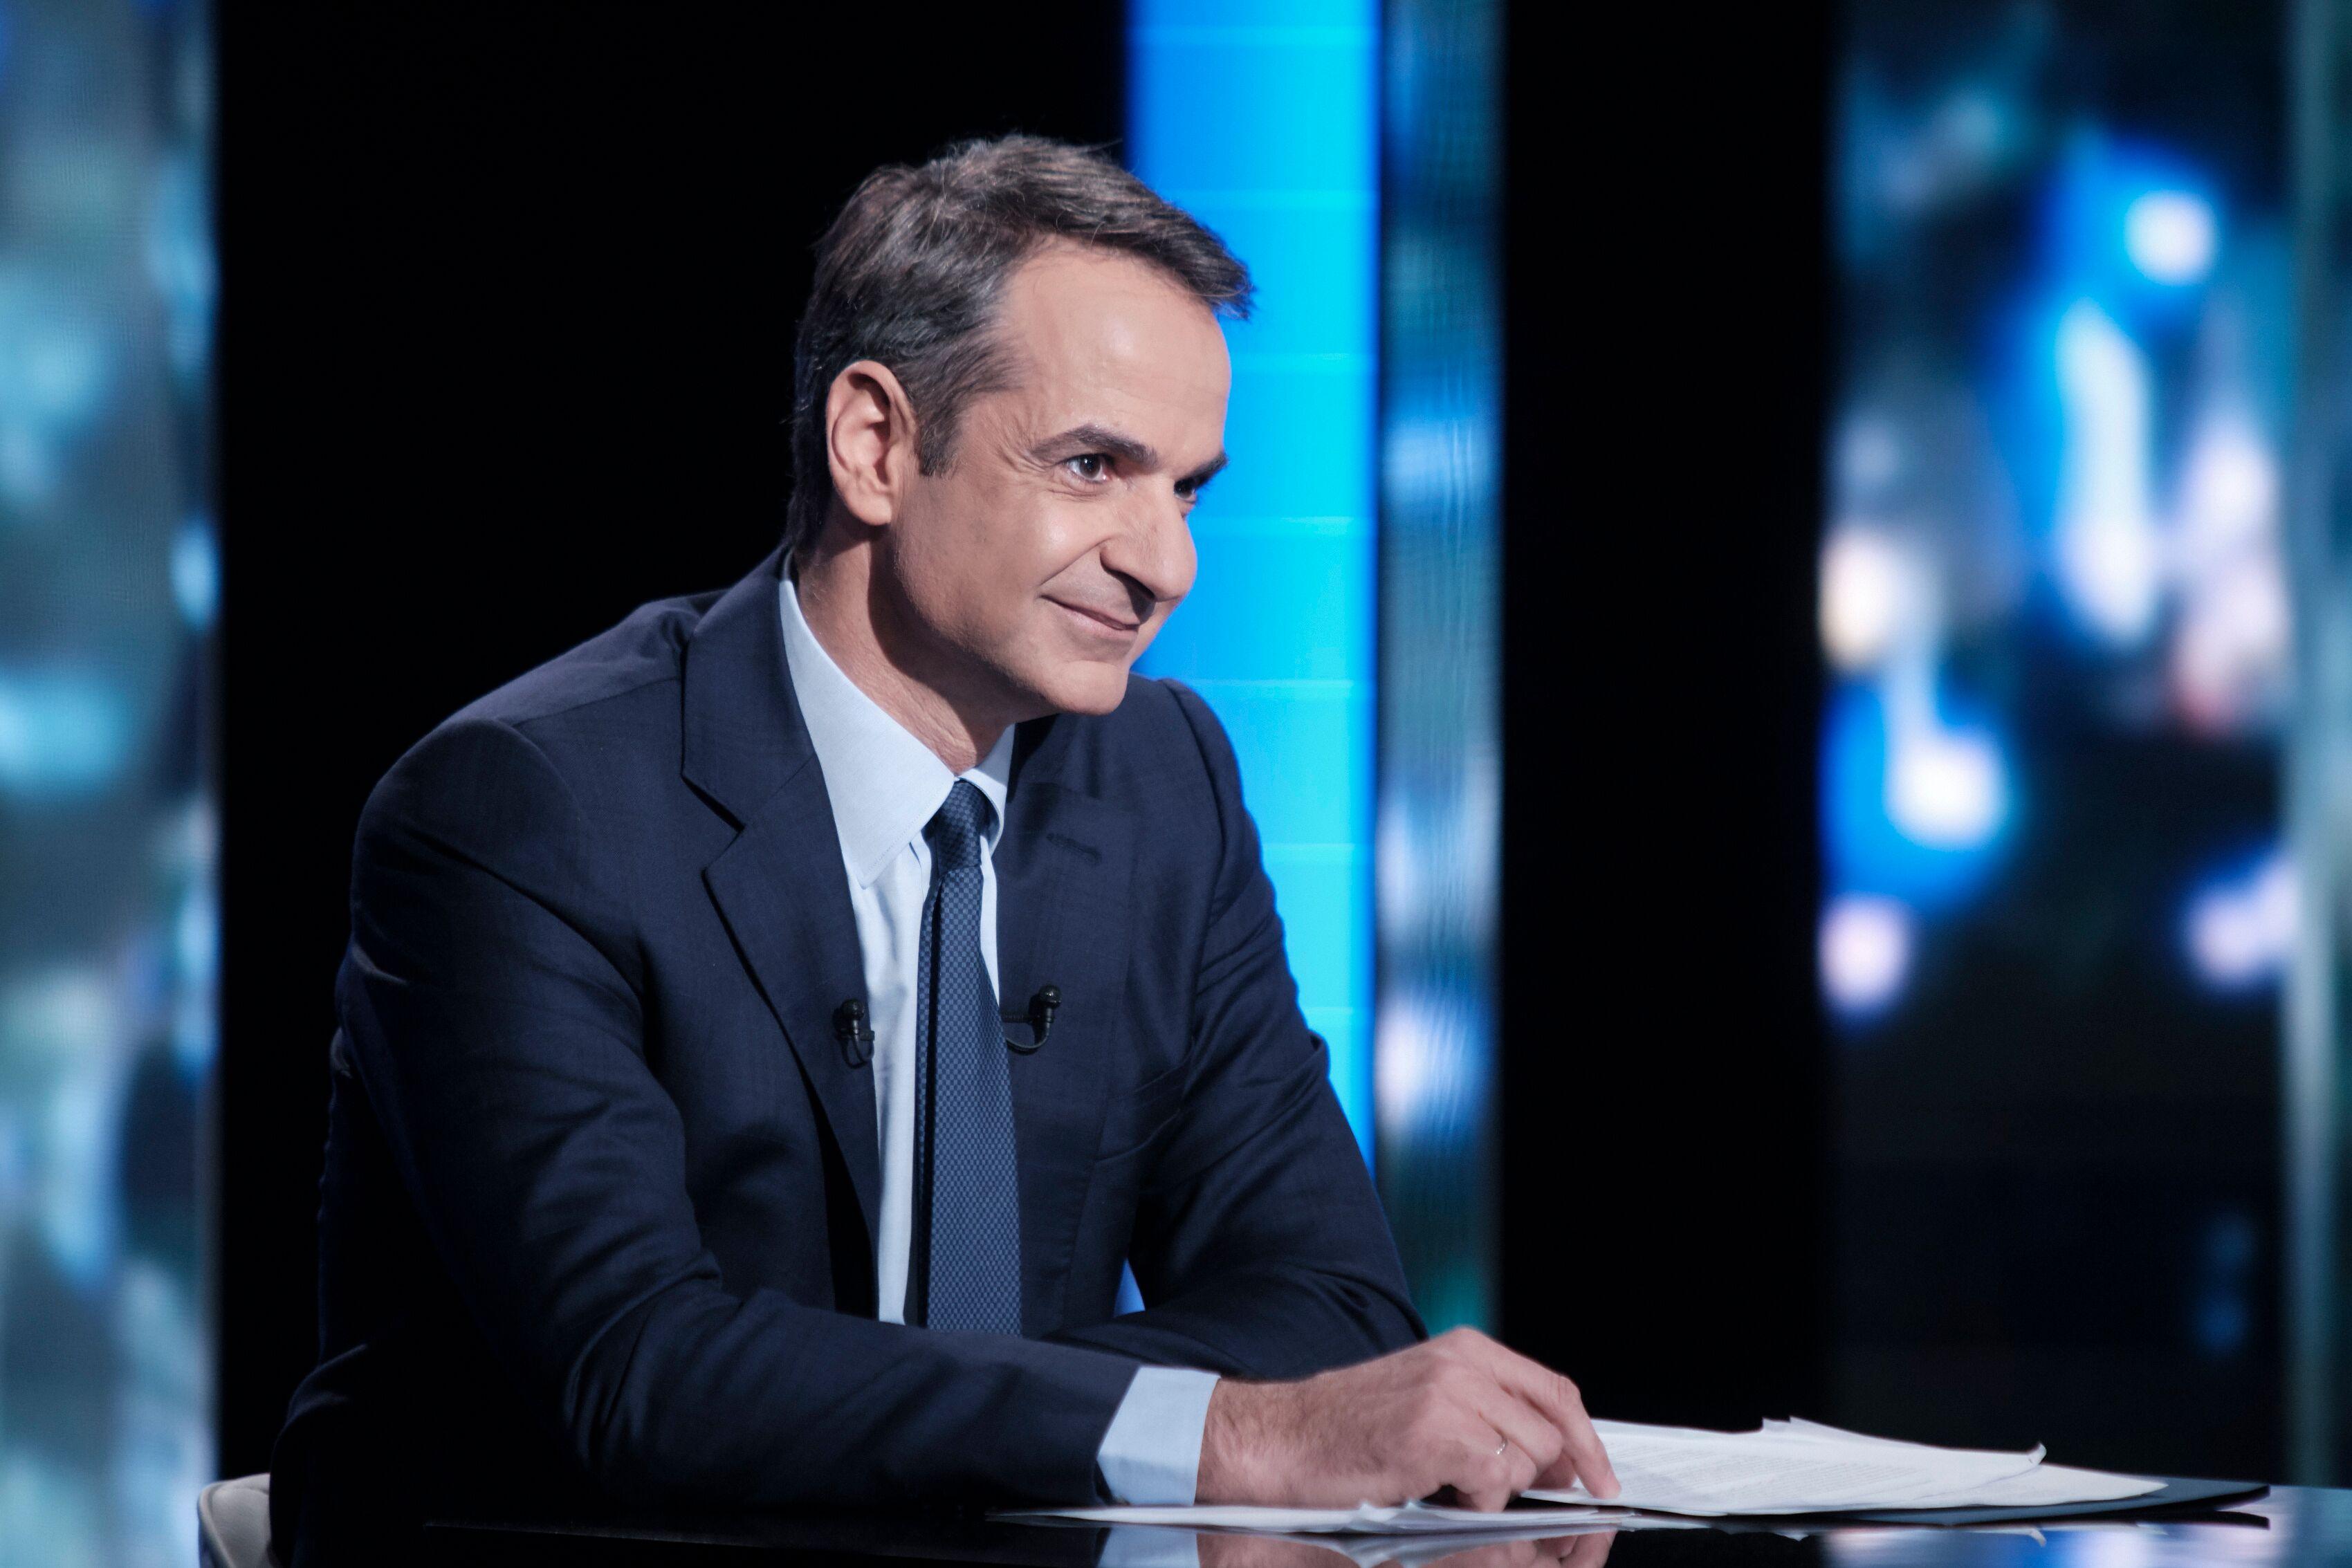 Μητσοτάκης σε France 24: Προτεραιότητες μας η πάταξη της γραφειοκρατίας και η μείωση των φόρων